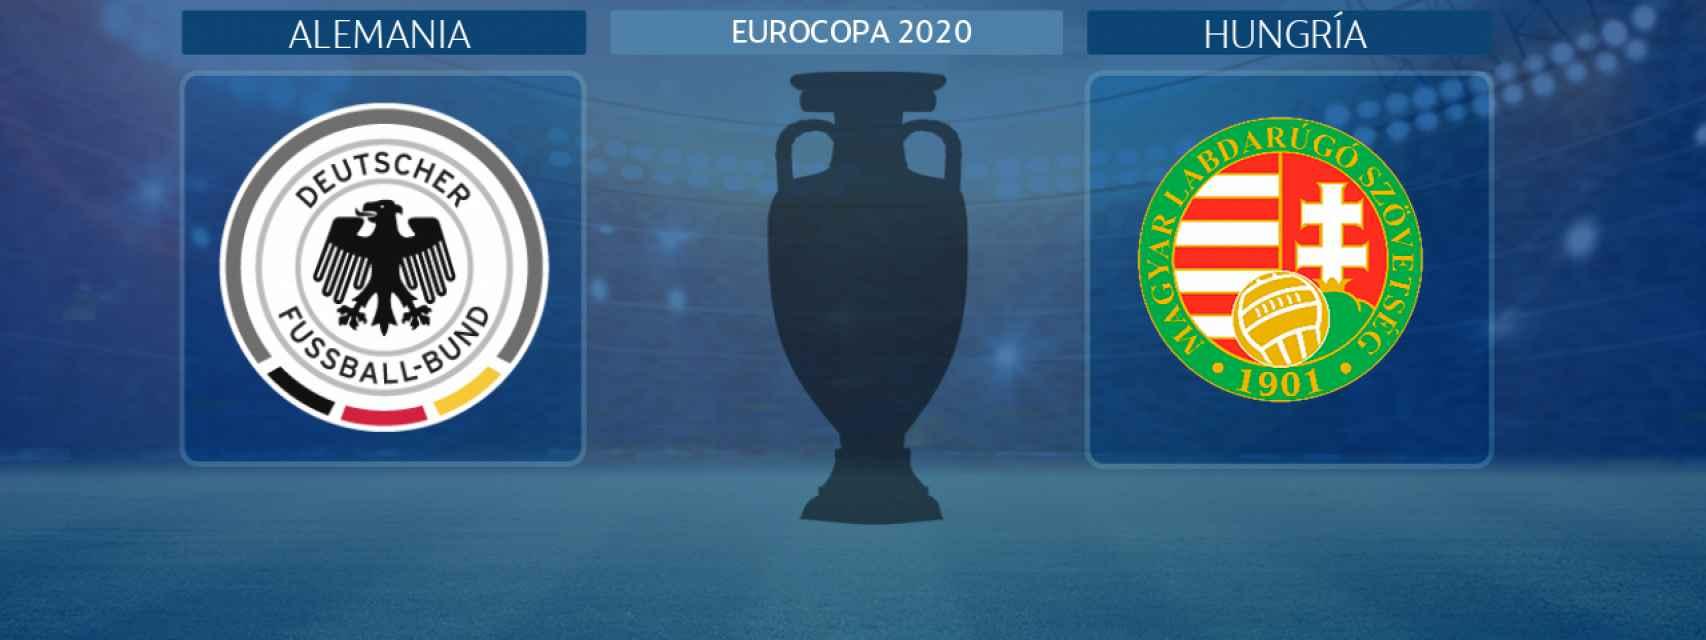 Alemania - Hungría, partido de la Eurocopa 2020